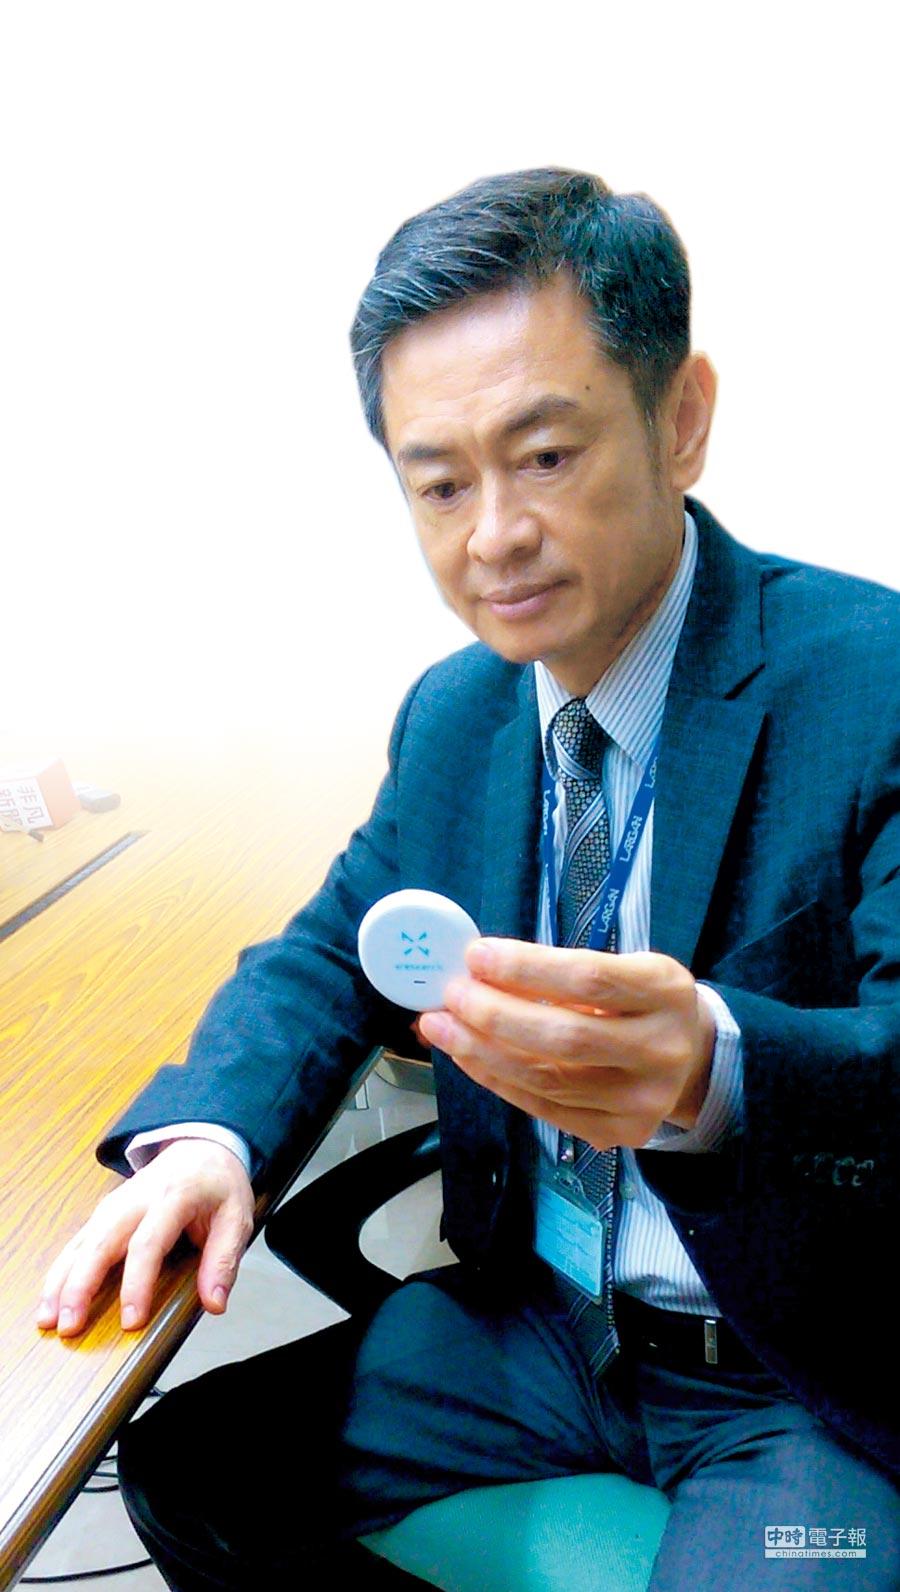 大立光透過旗下大立雲康公司投入ECG(心電圖測量器)領域,透過一個粉餅盒大小的機器,可取代患者全身的貼片,目前已取得美國FDA核准,圖為大立光執行長林恩平手持該項產品。圖/王中一